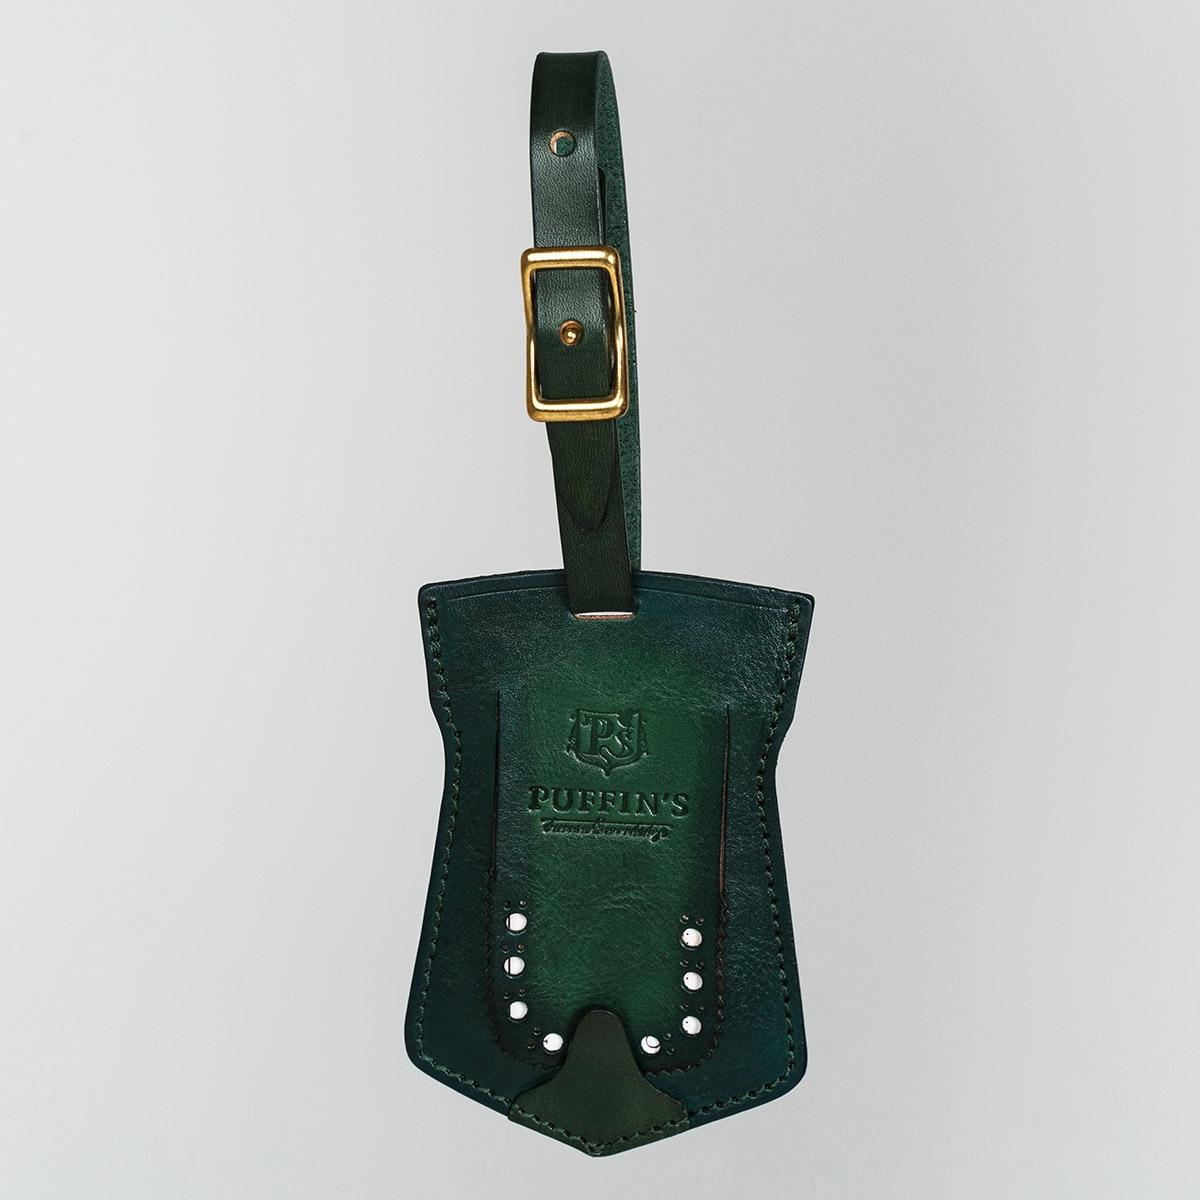 Багажный ярлык TAVARUA персонализированный с патиной зеленый травяной